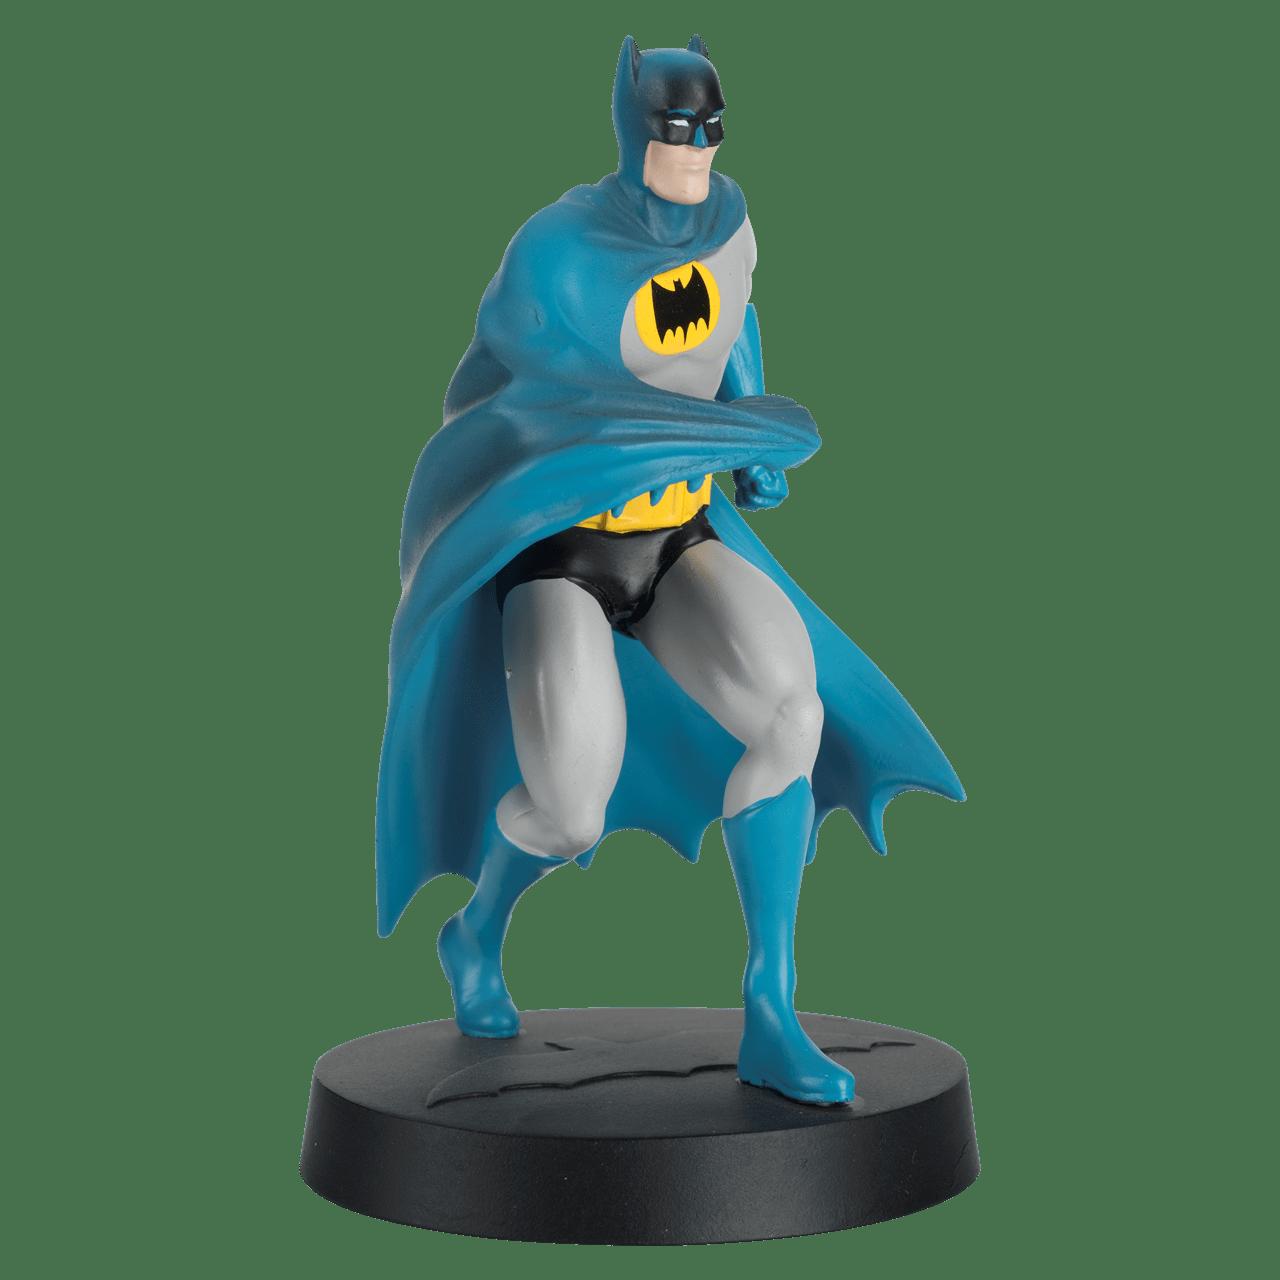 Batman Decades 1960 Figurine: Hero Collector - 1